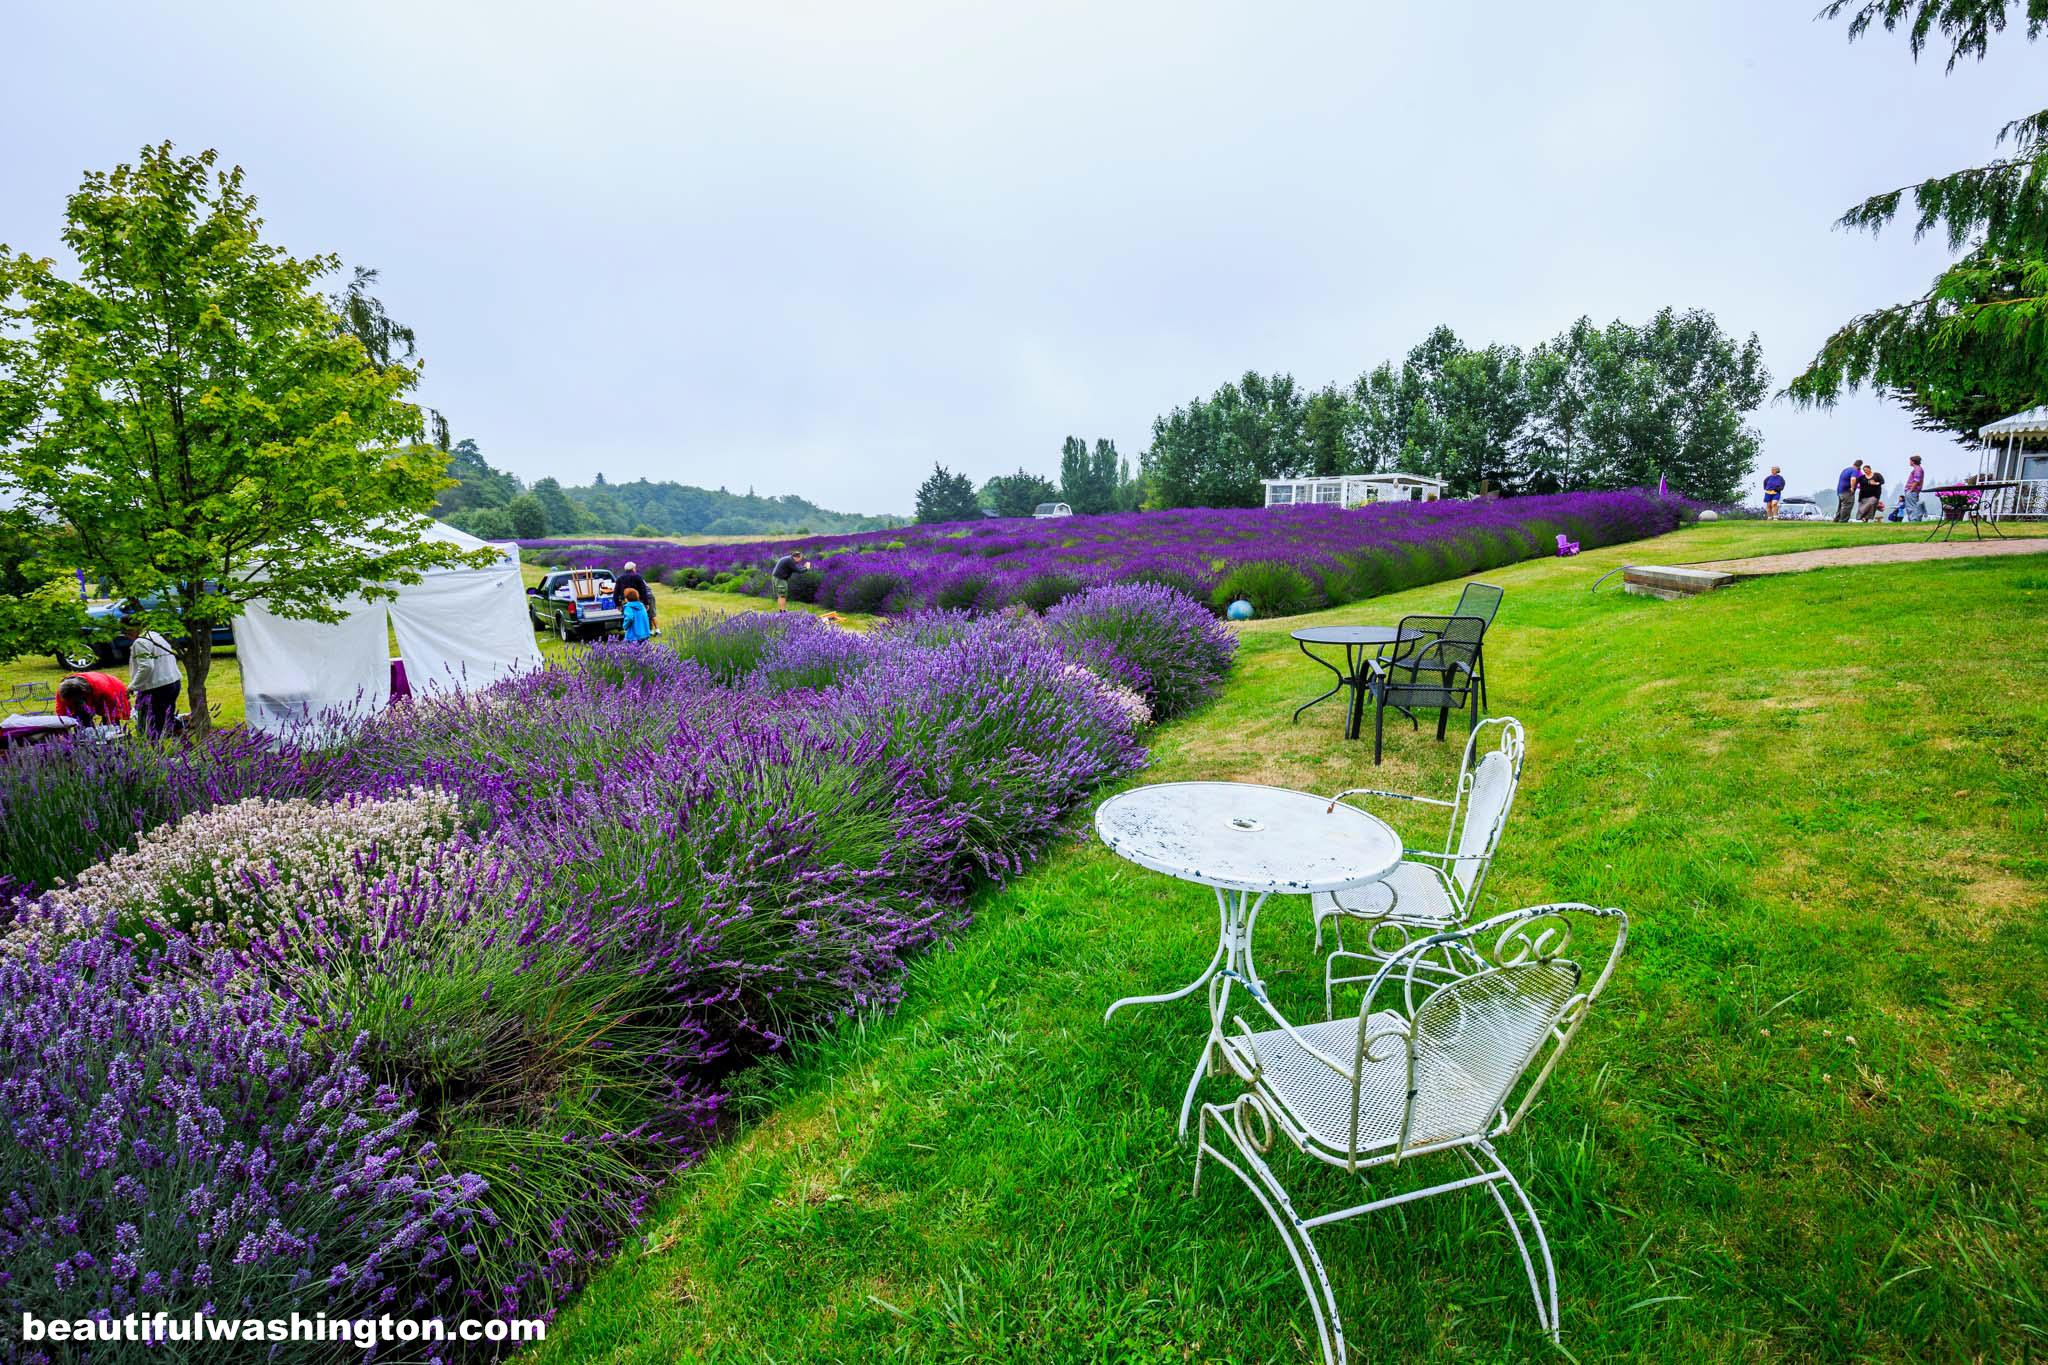 jardin du soleil lavender farm. Black Bedroom Furniture Sets. Home Design Ideas